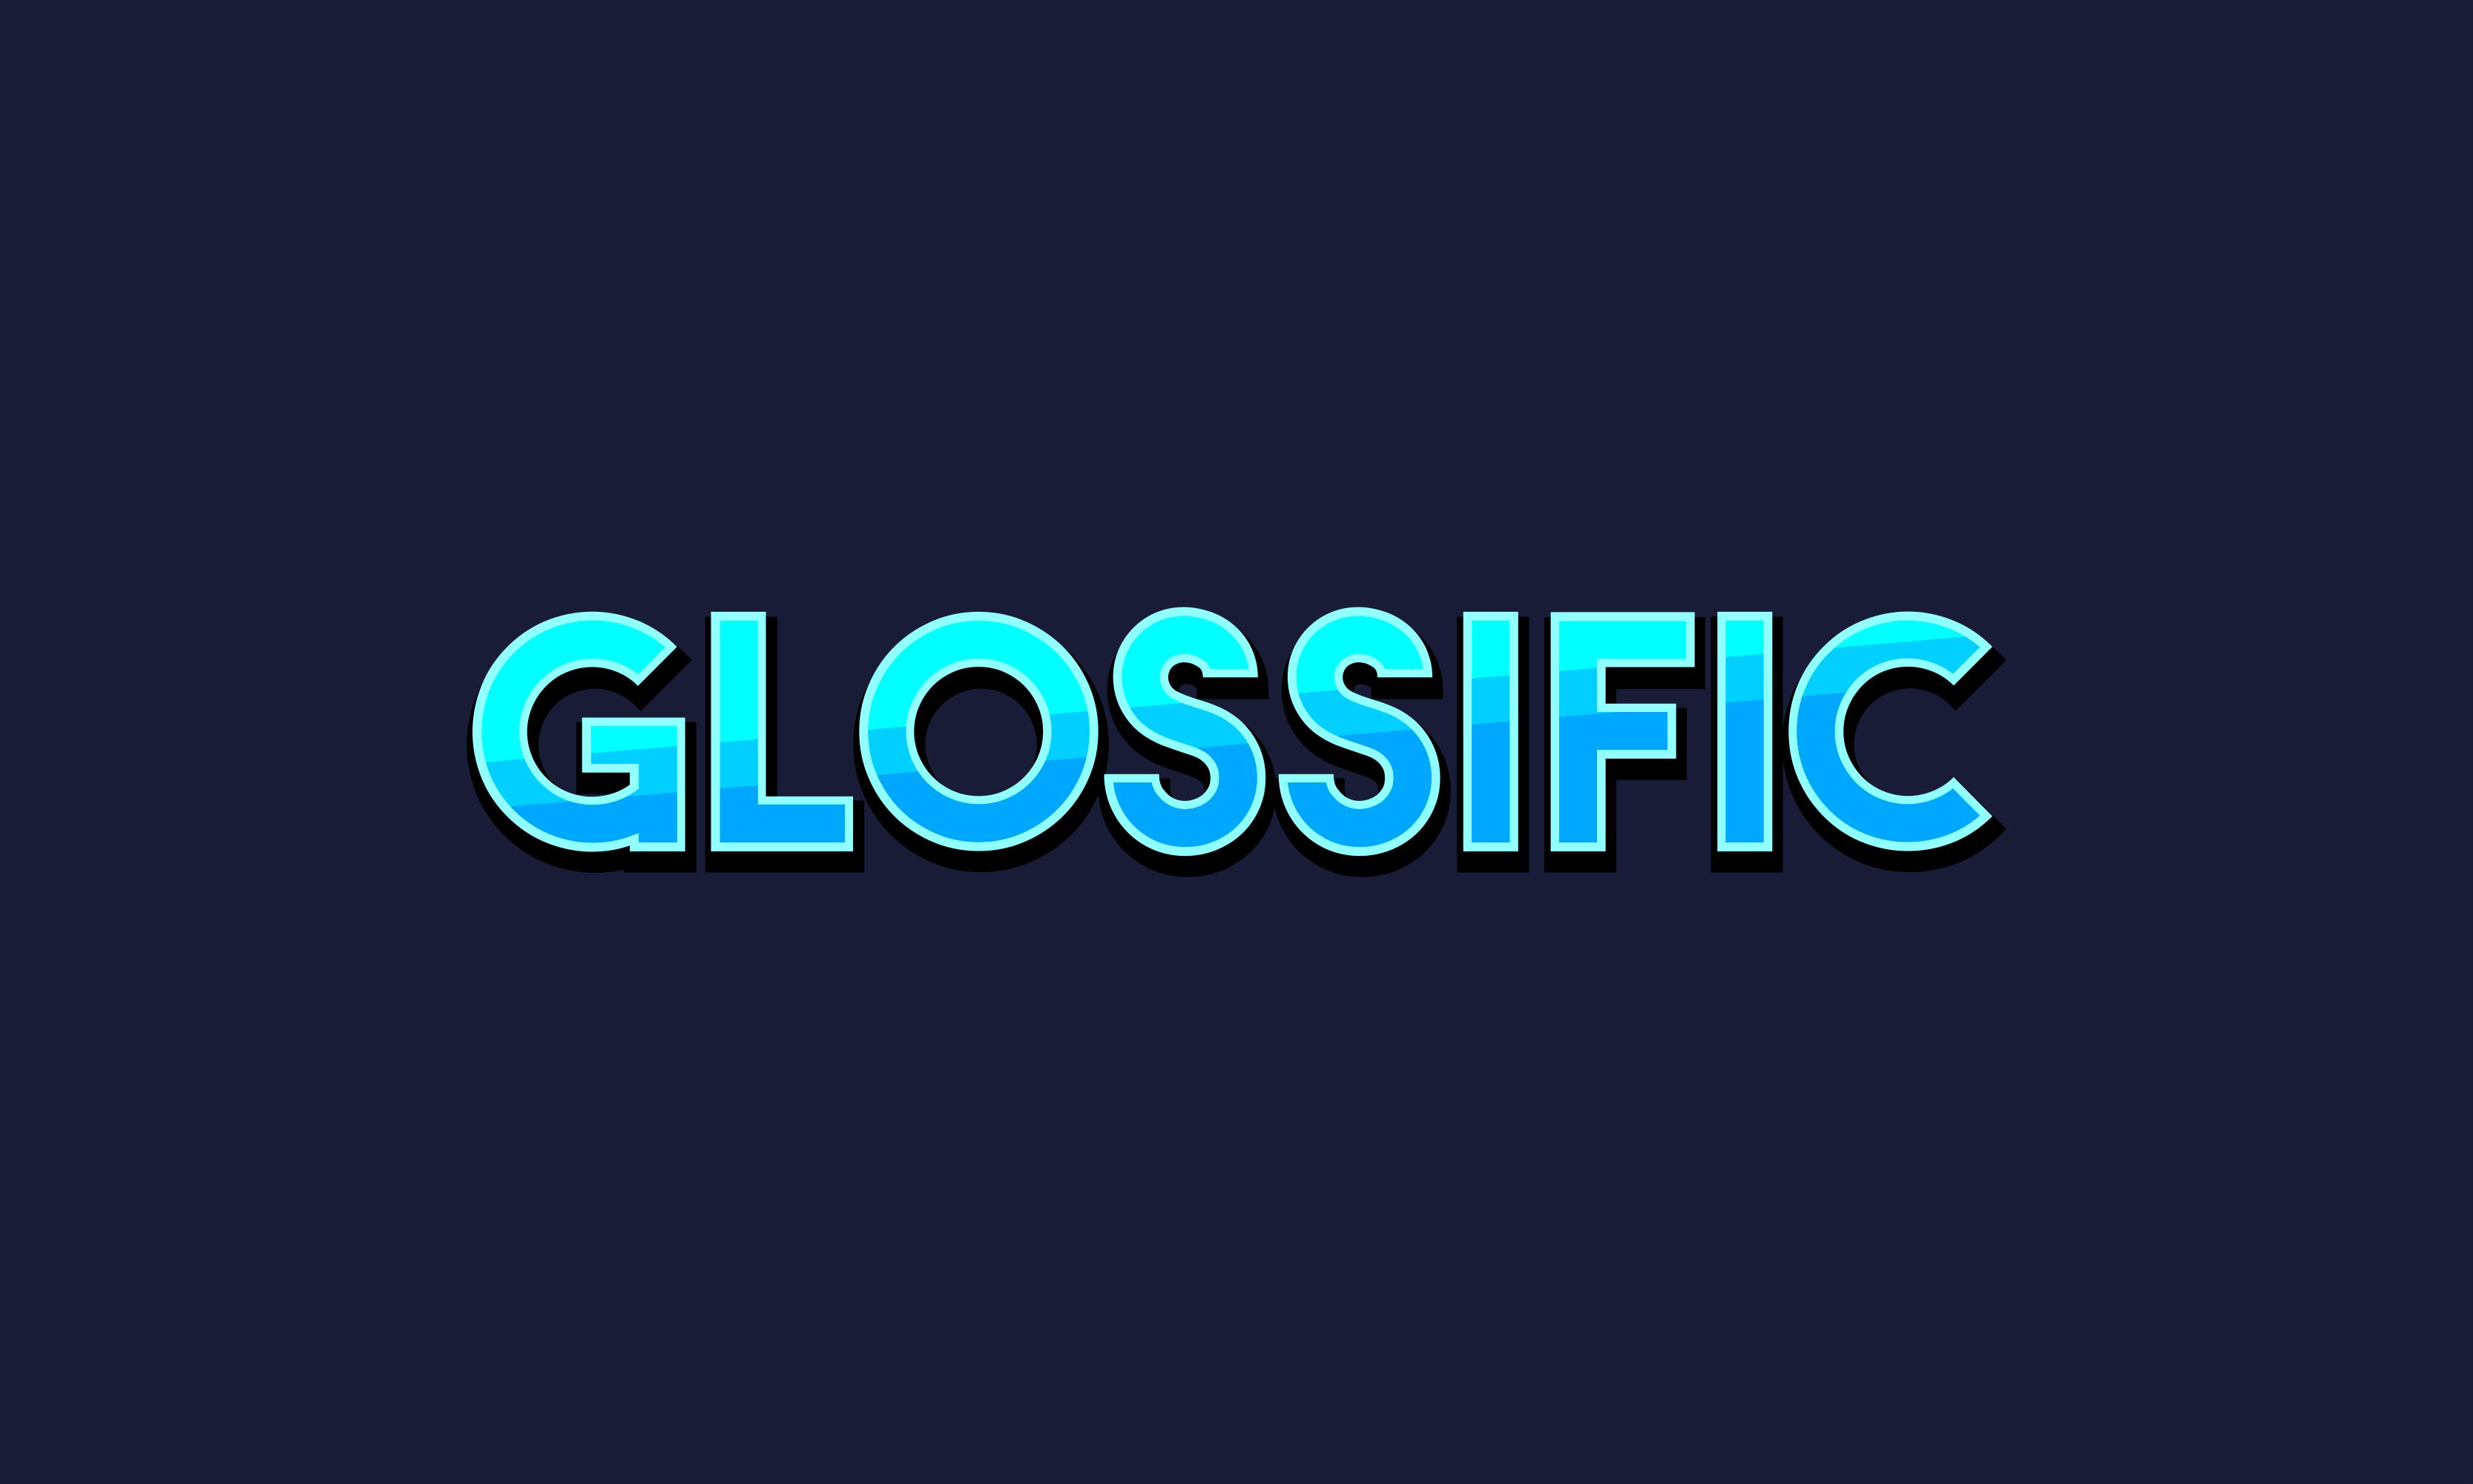 Glossific